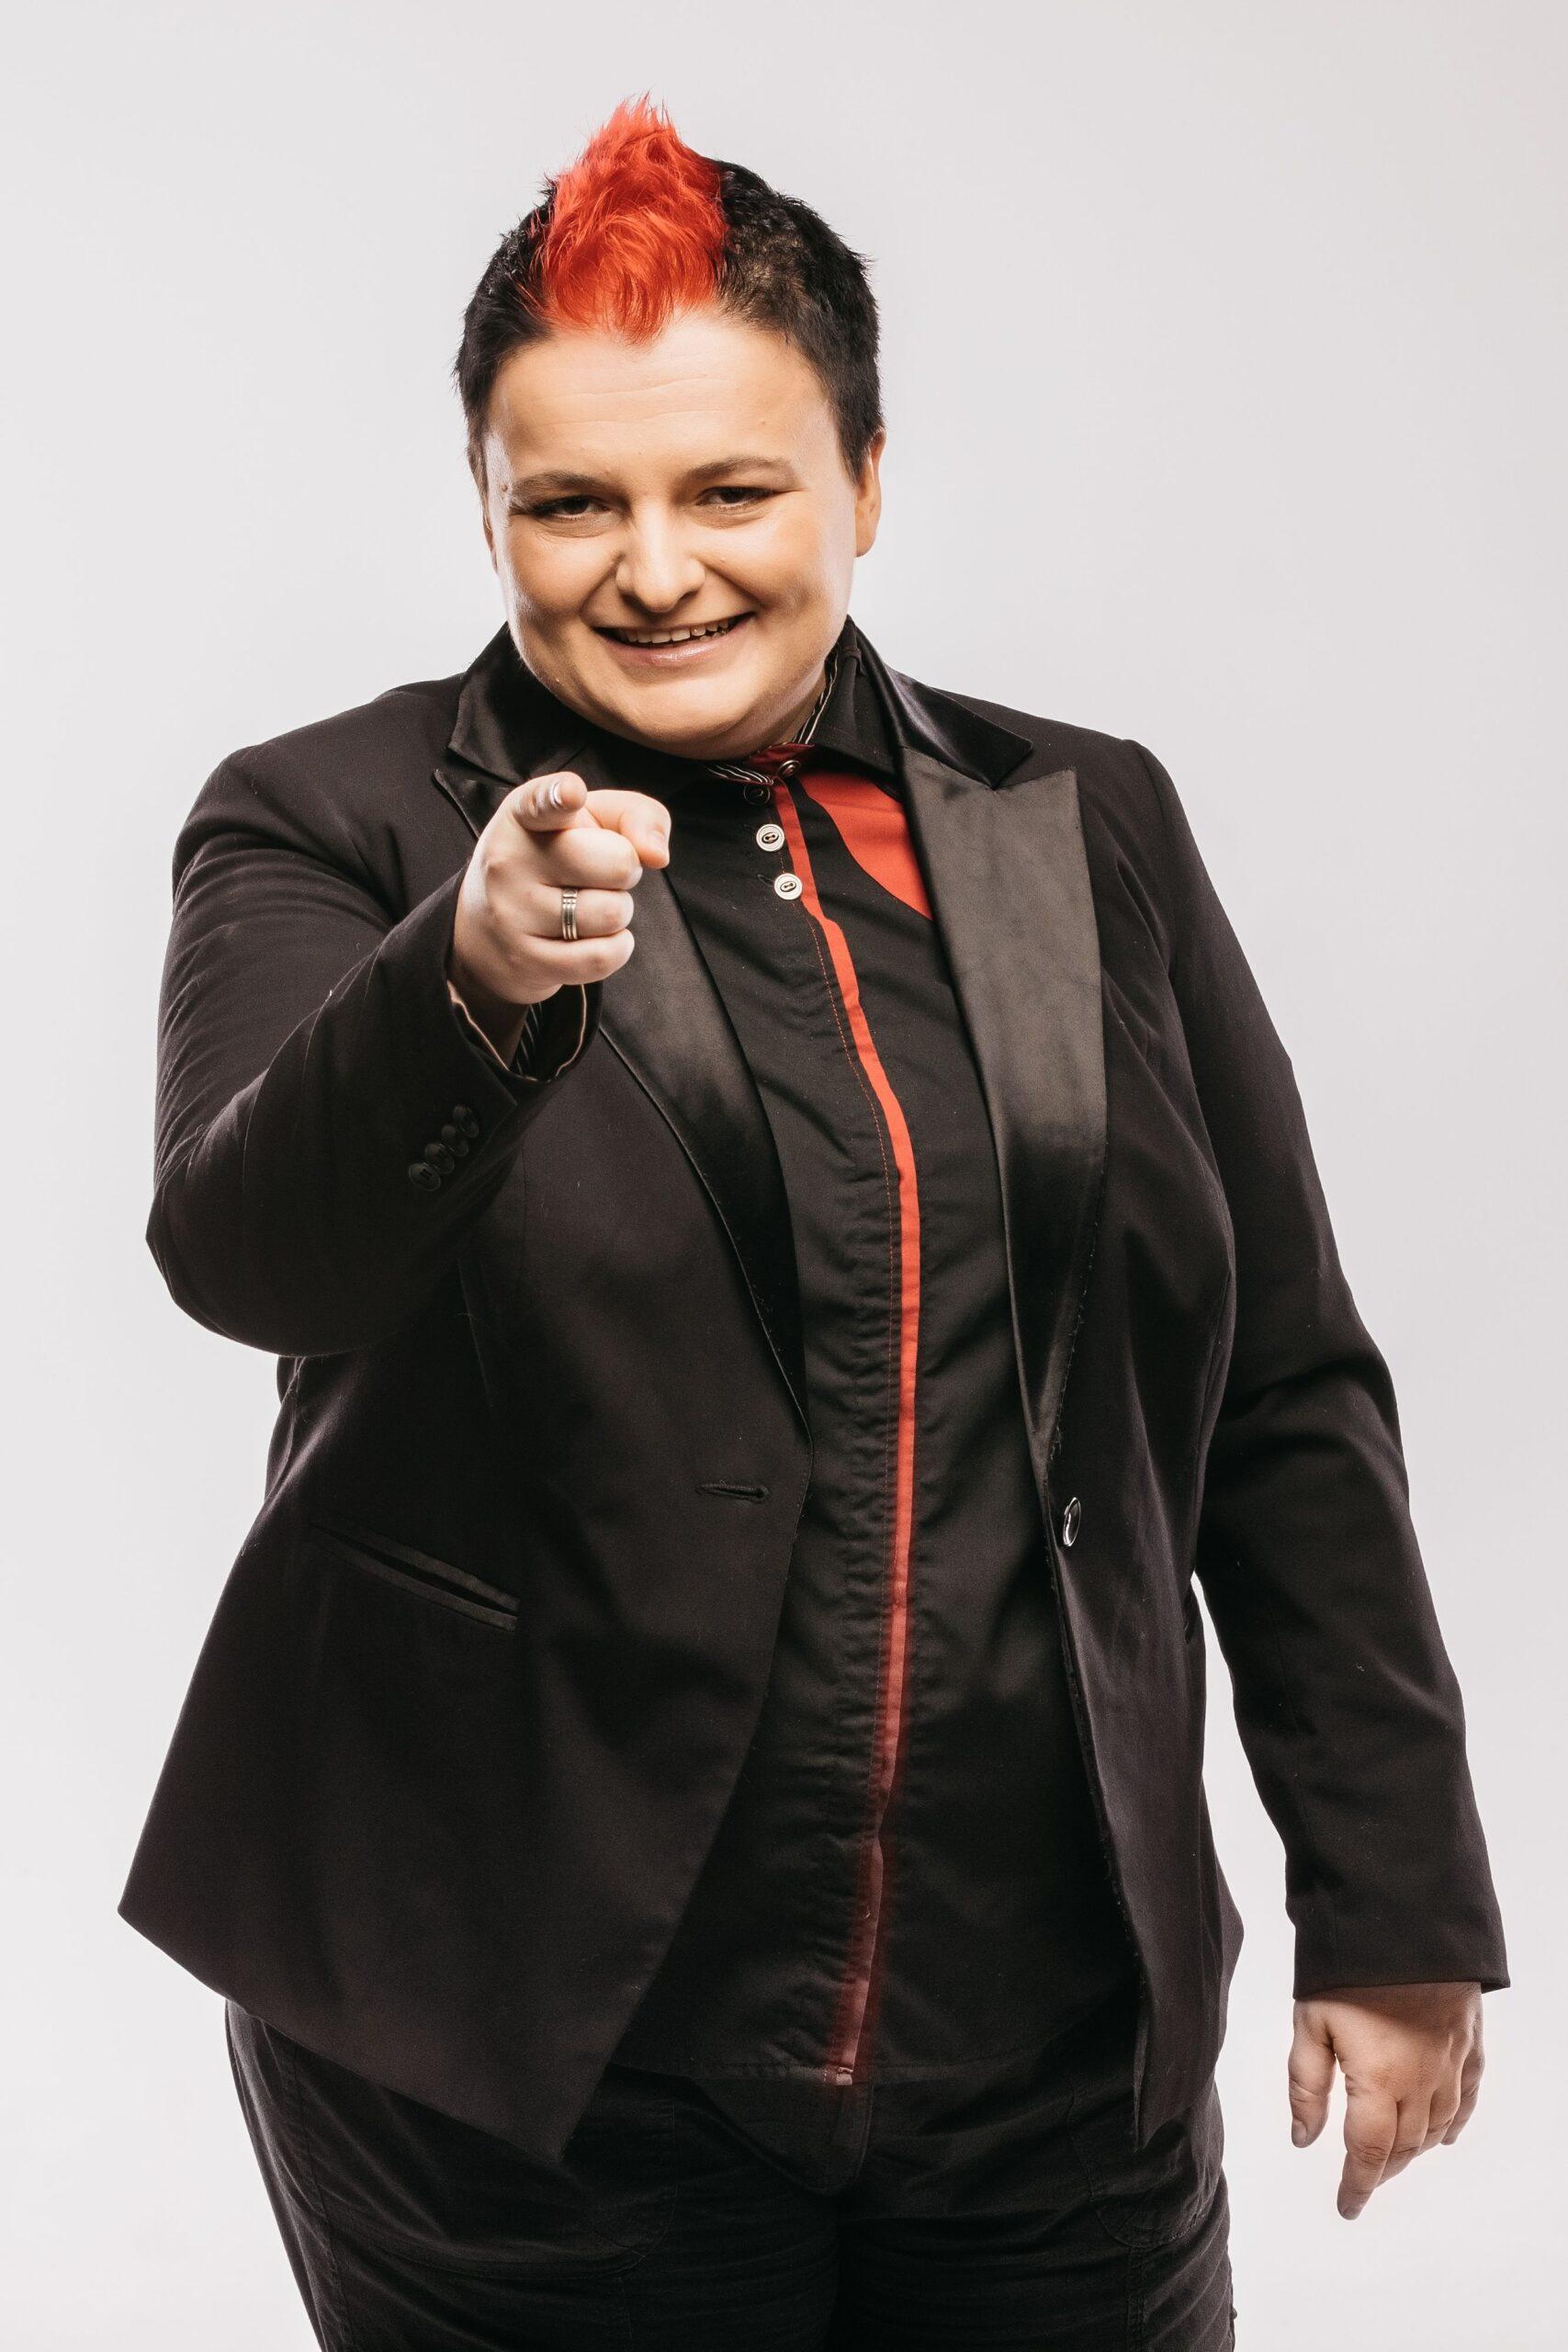 Martina Ipša